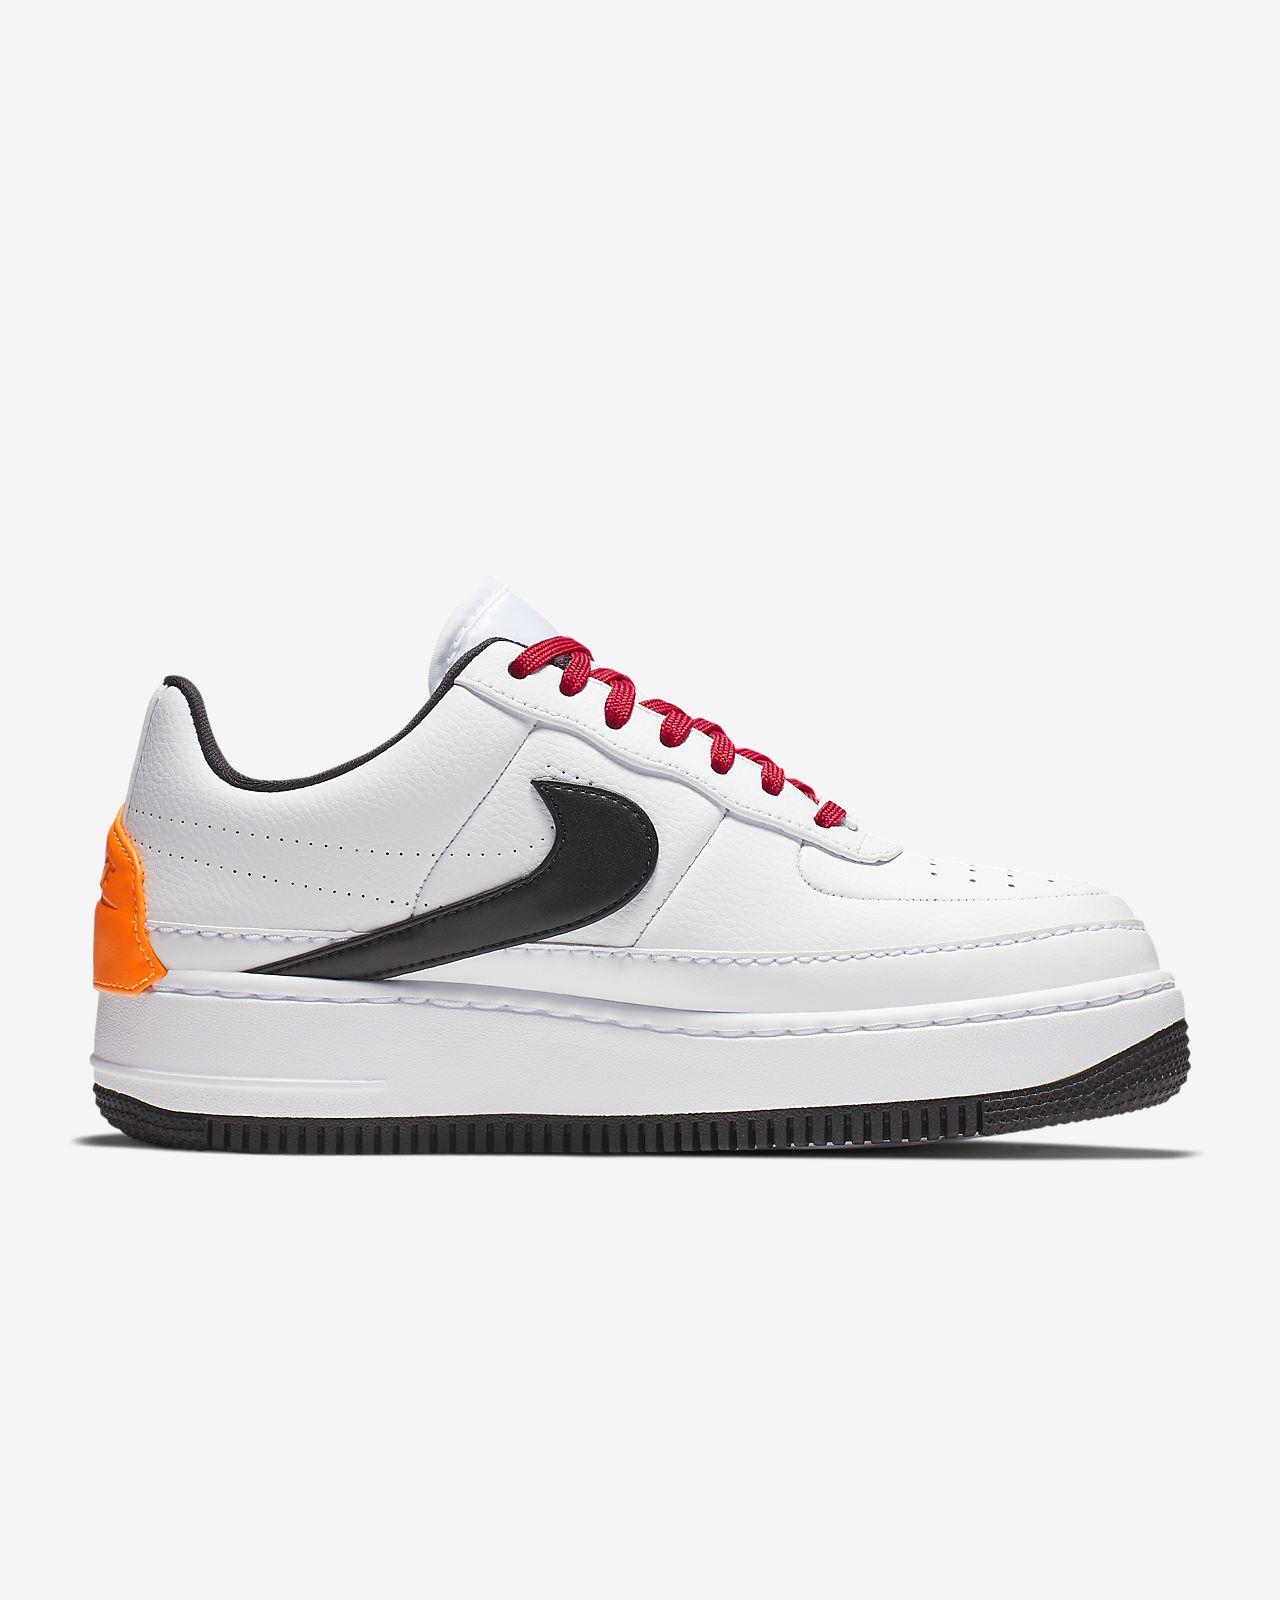 Nike AF1 Jester XX SE Damenschuh